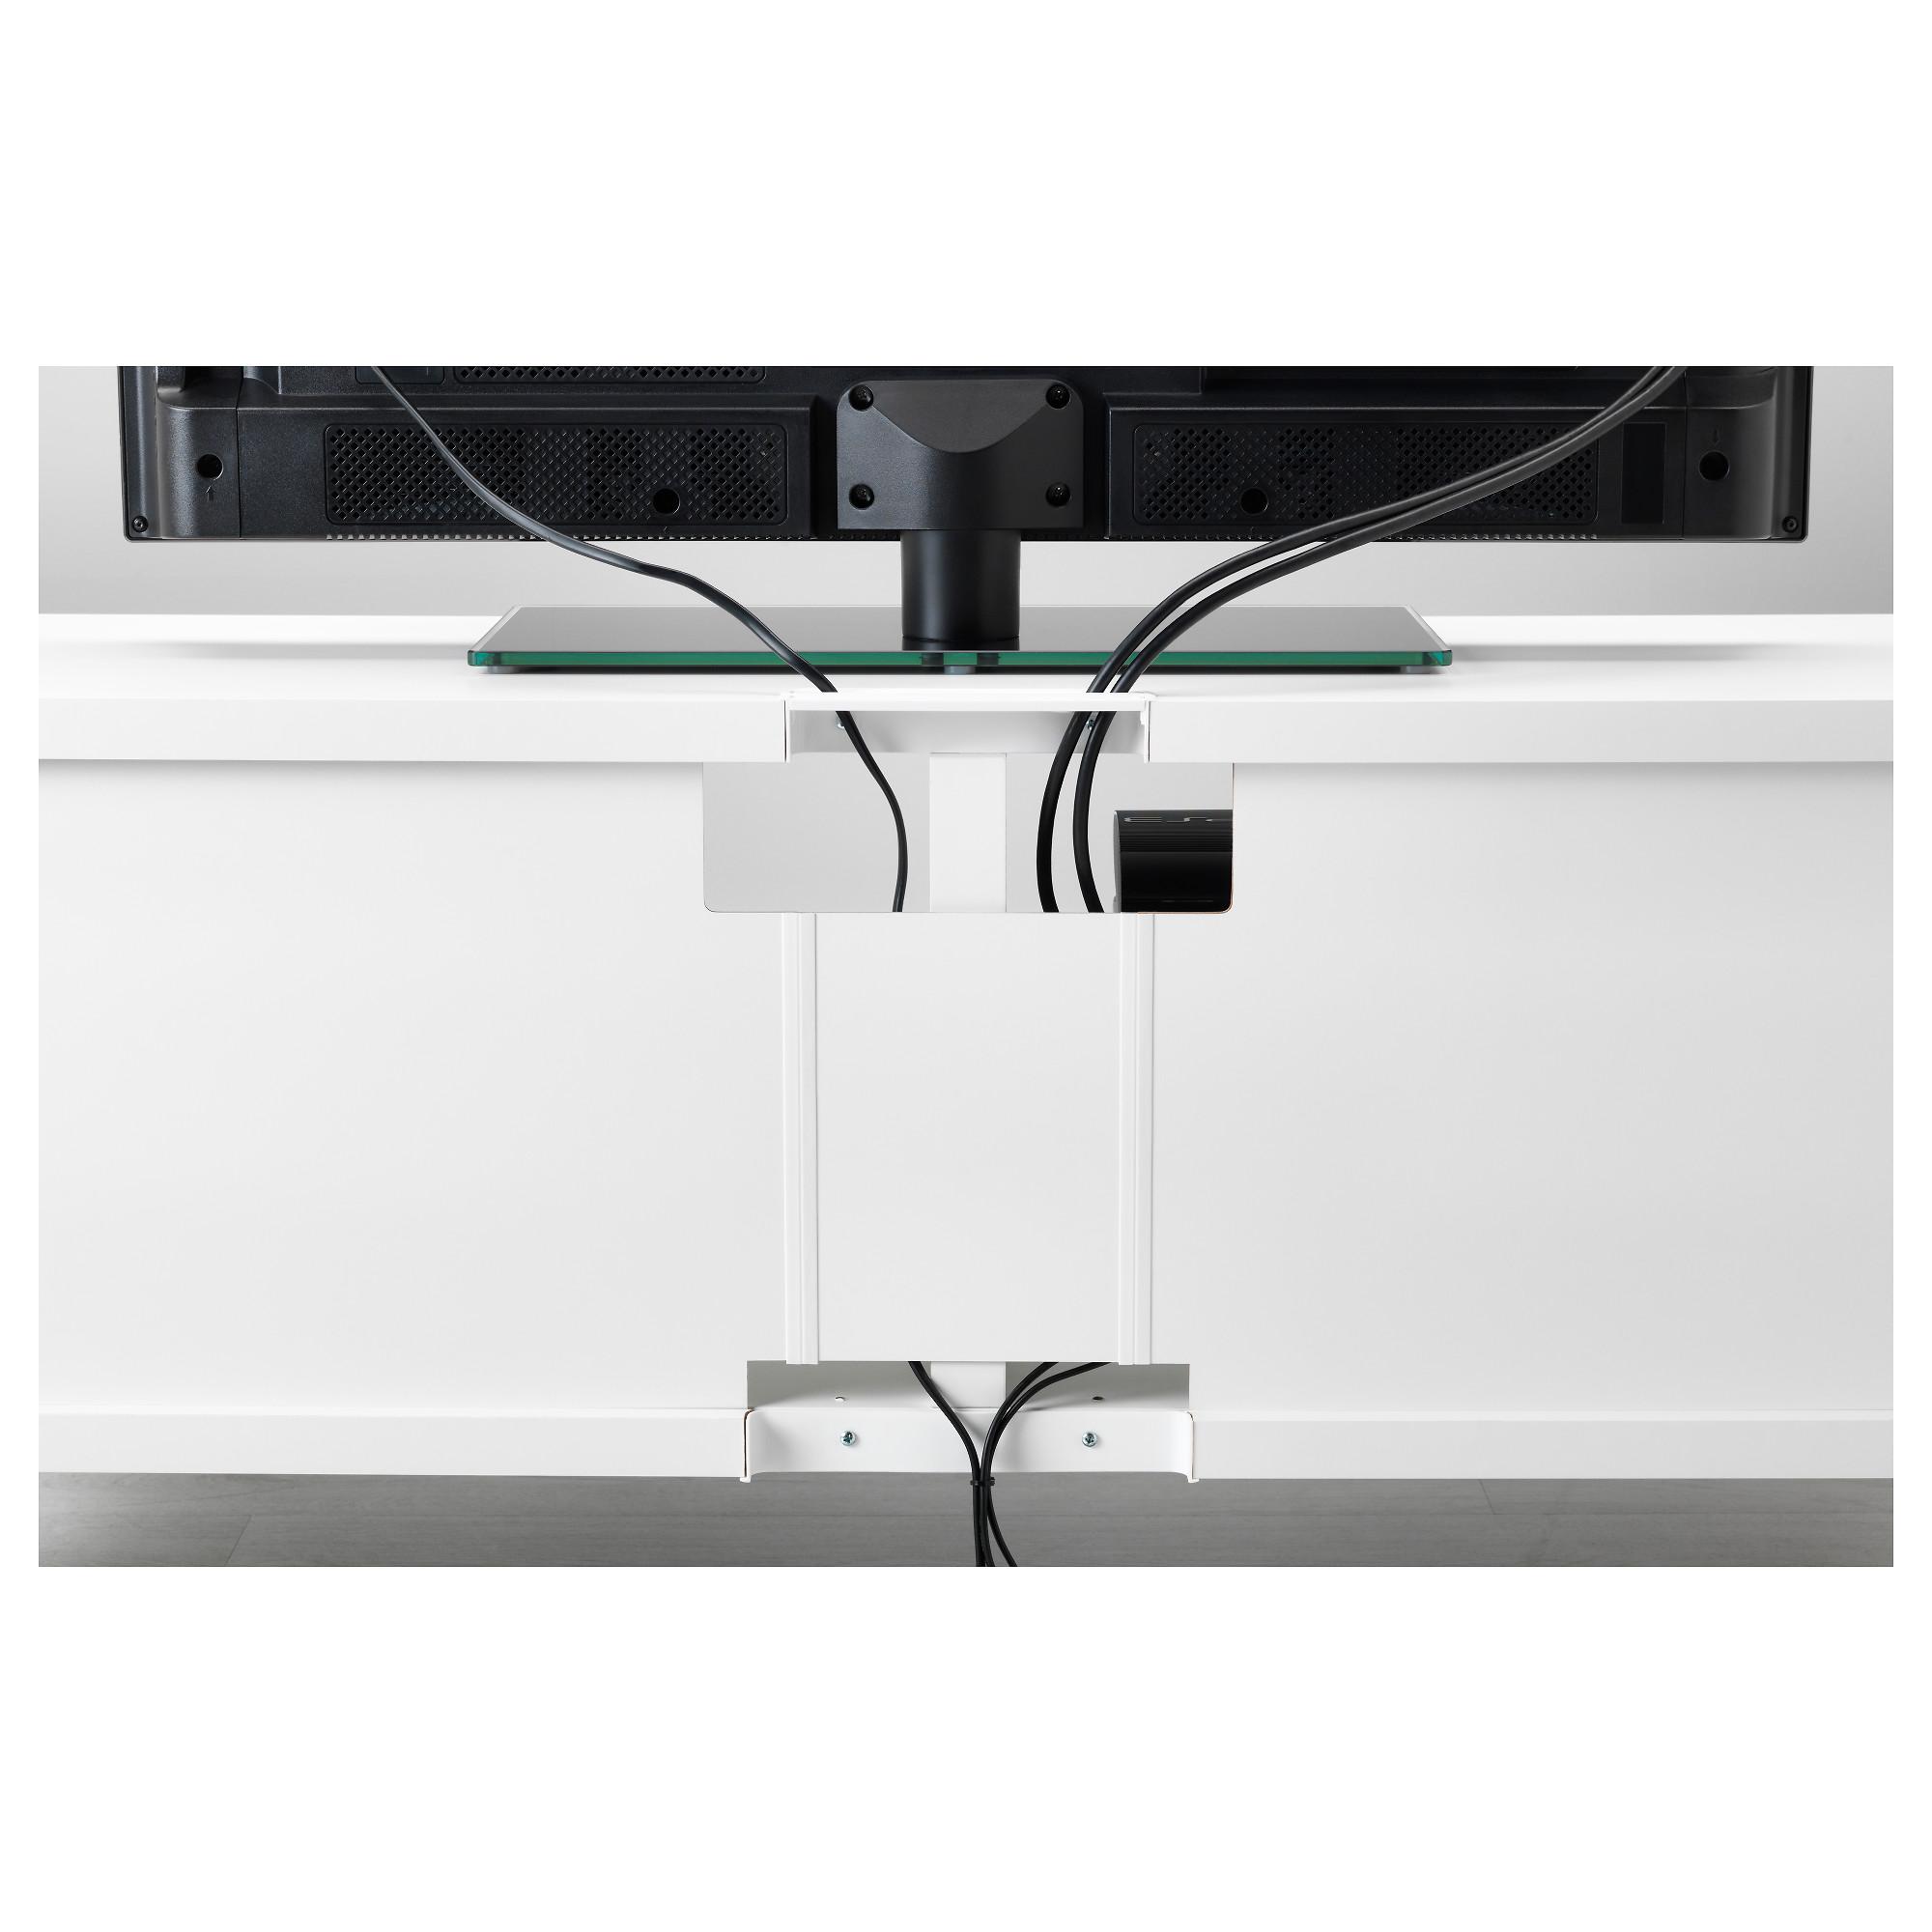 Шкаф для ТВ, комбинация БЕСТО темно-серый артикуль № 292.516.44 в наличии. Интернет магазин ИКЕА РБ. Быстрая доставка и установка.